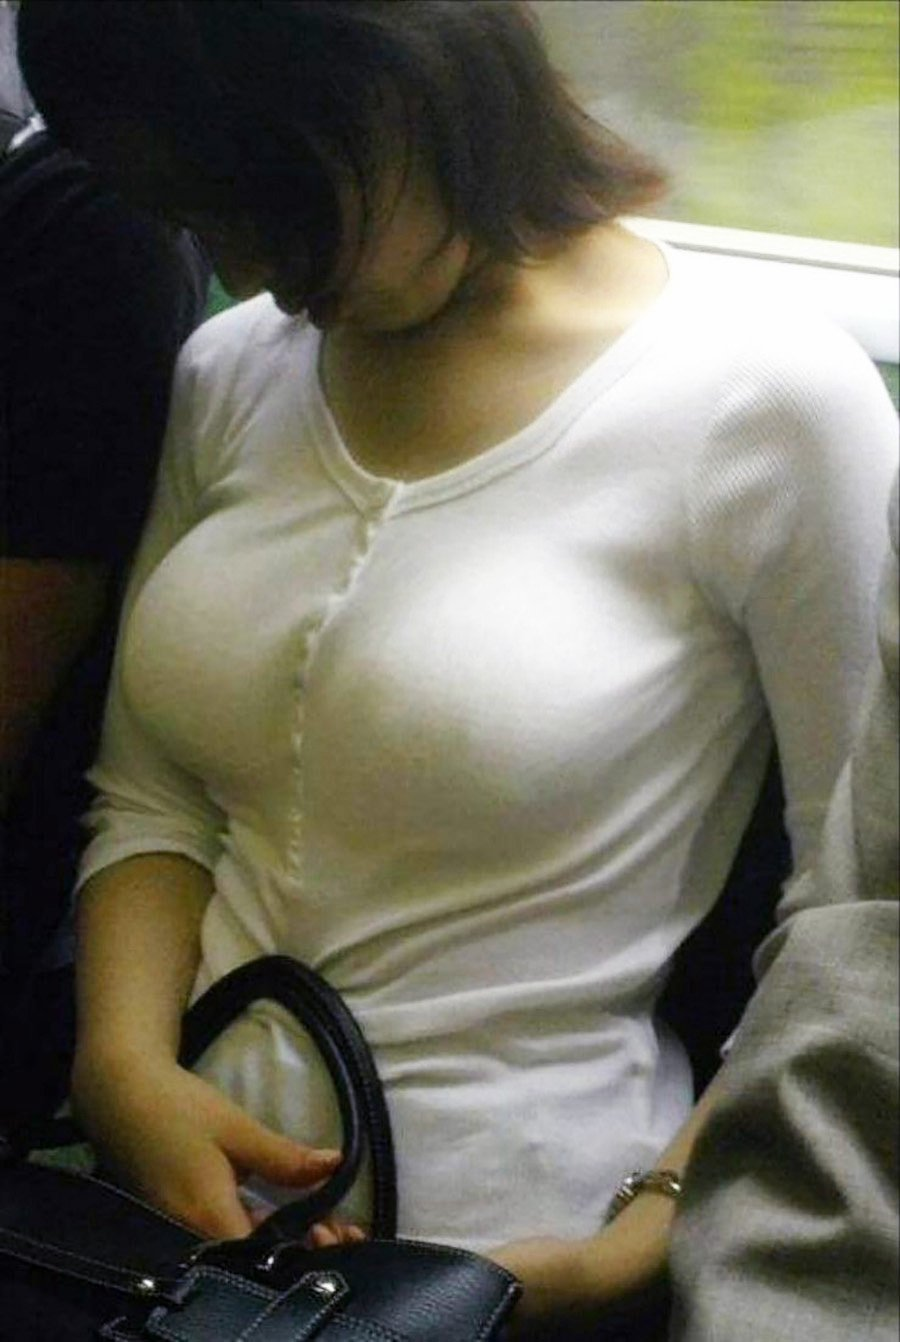 デカい乳房の女の子が電車に乗ってた (17)